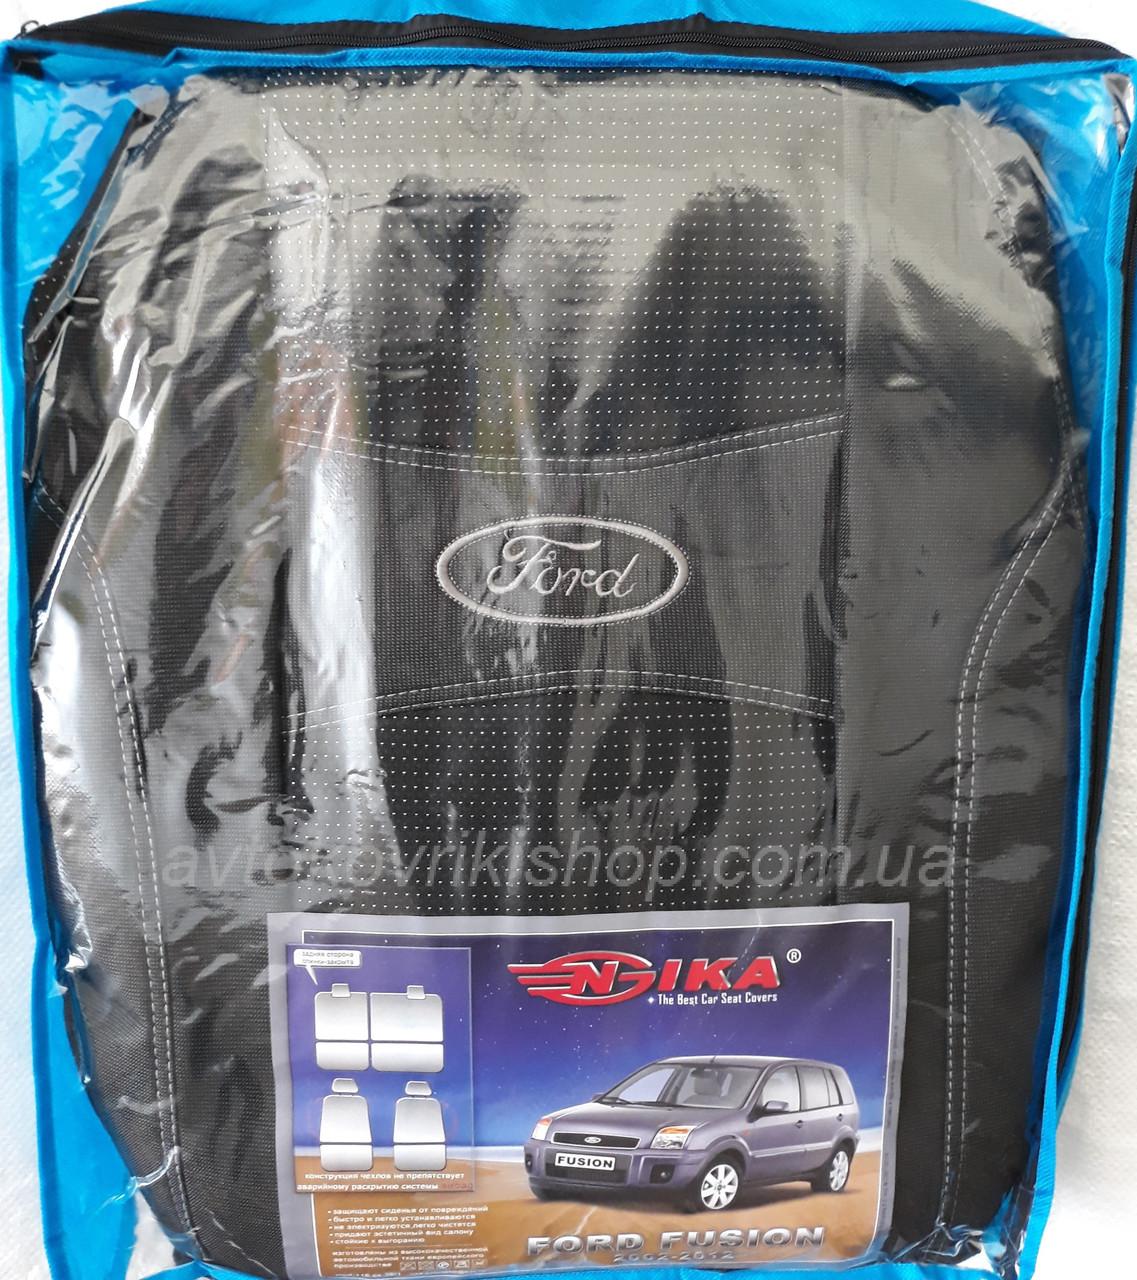 Автомобильные чехлы Ford Fusion 2002-2012 Nika